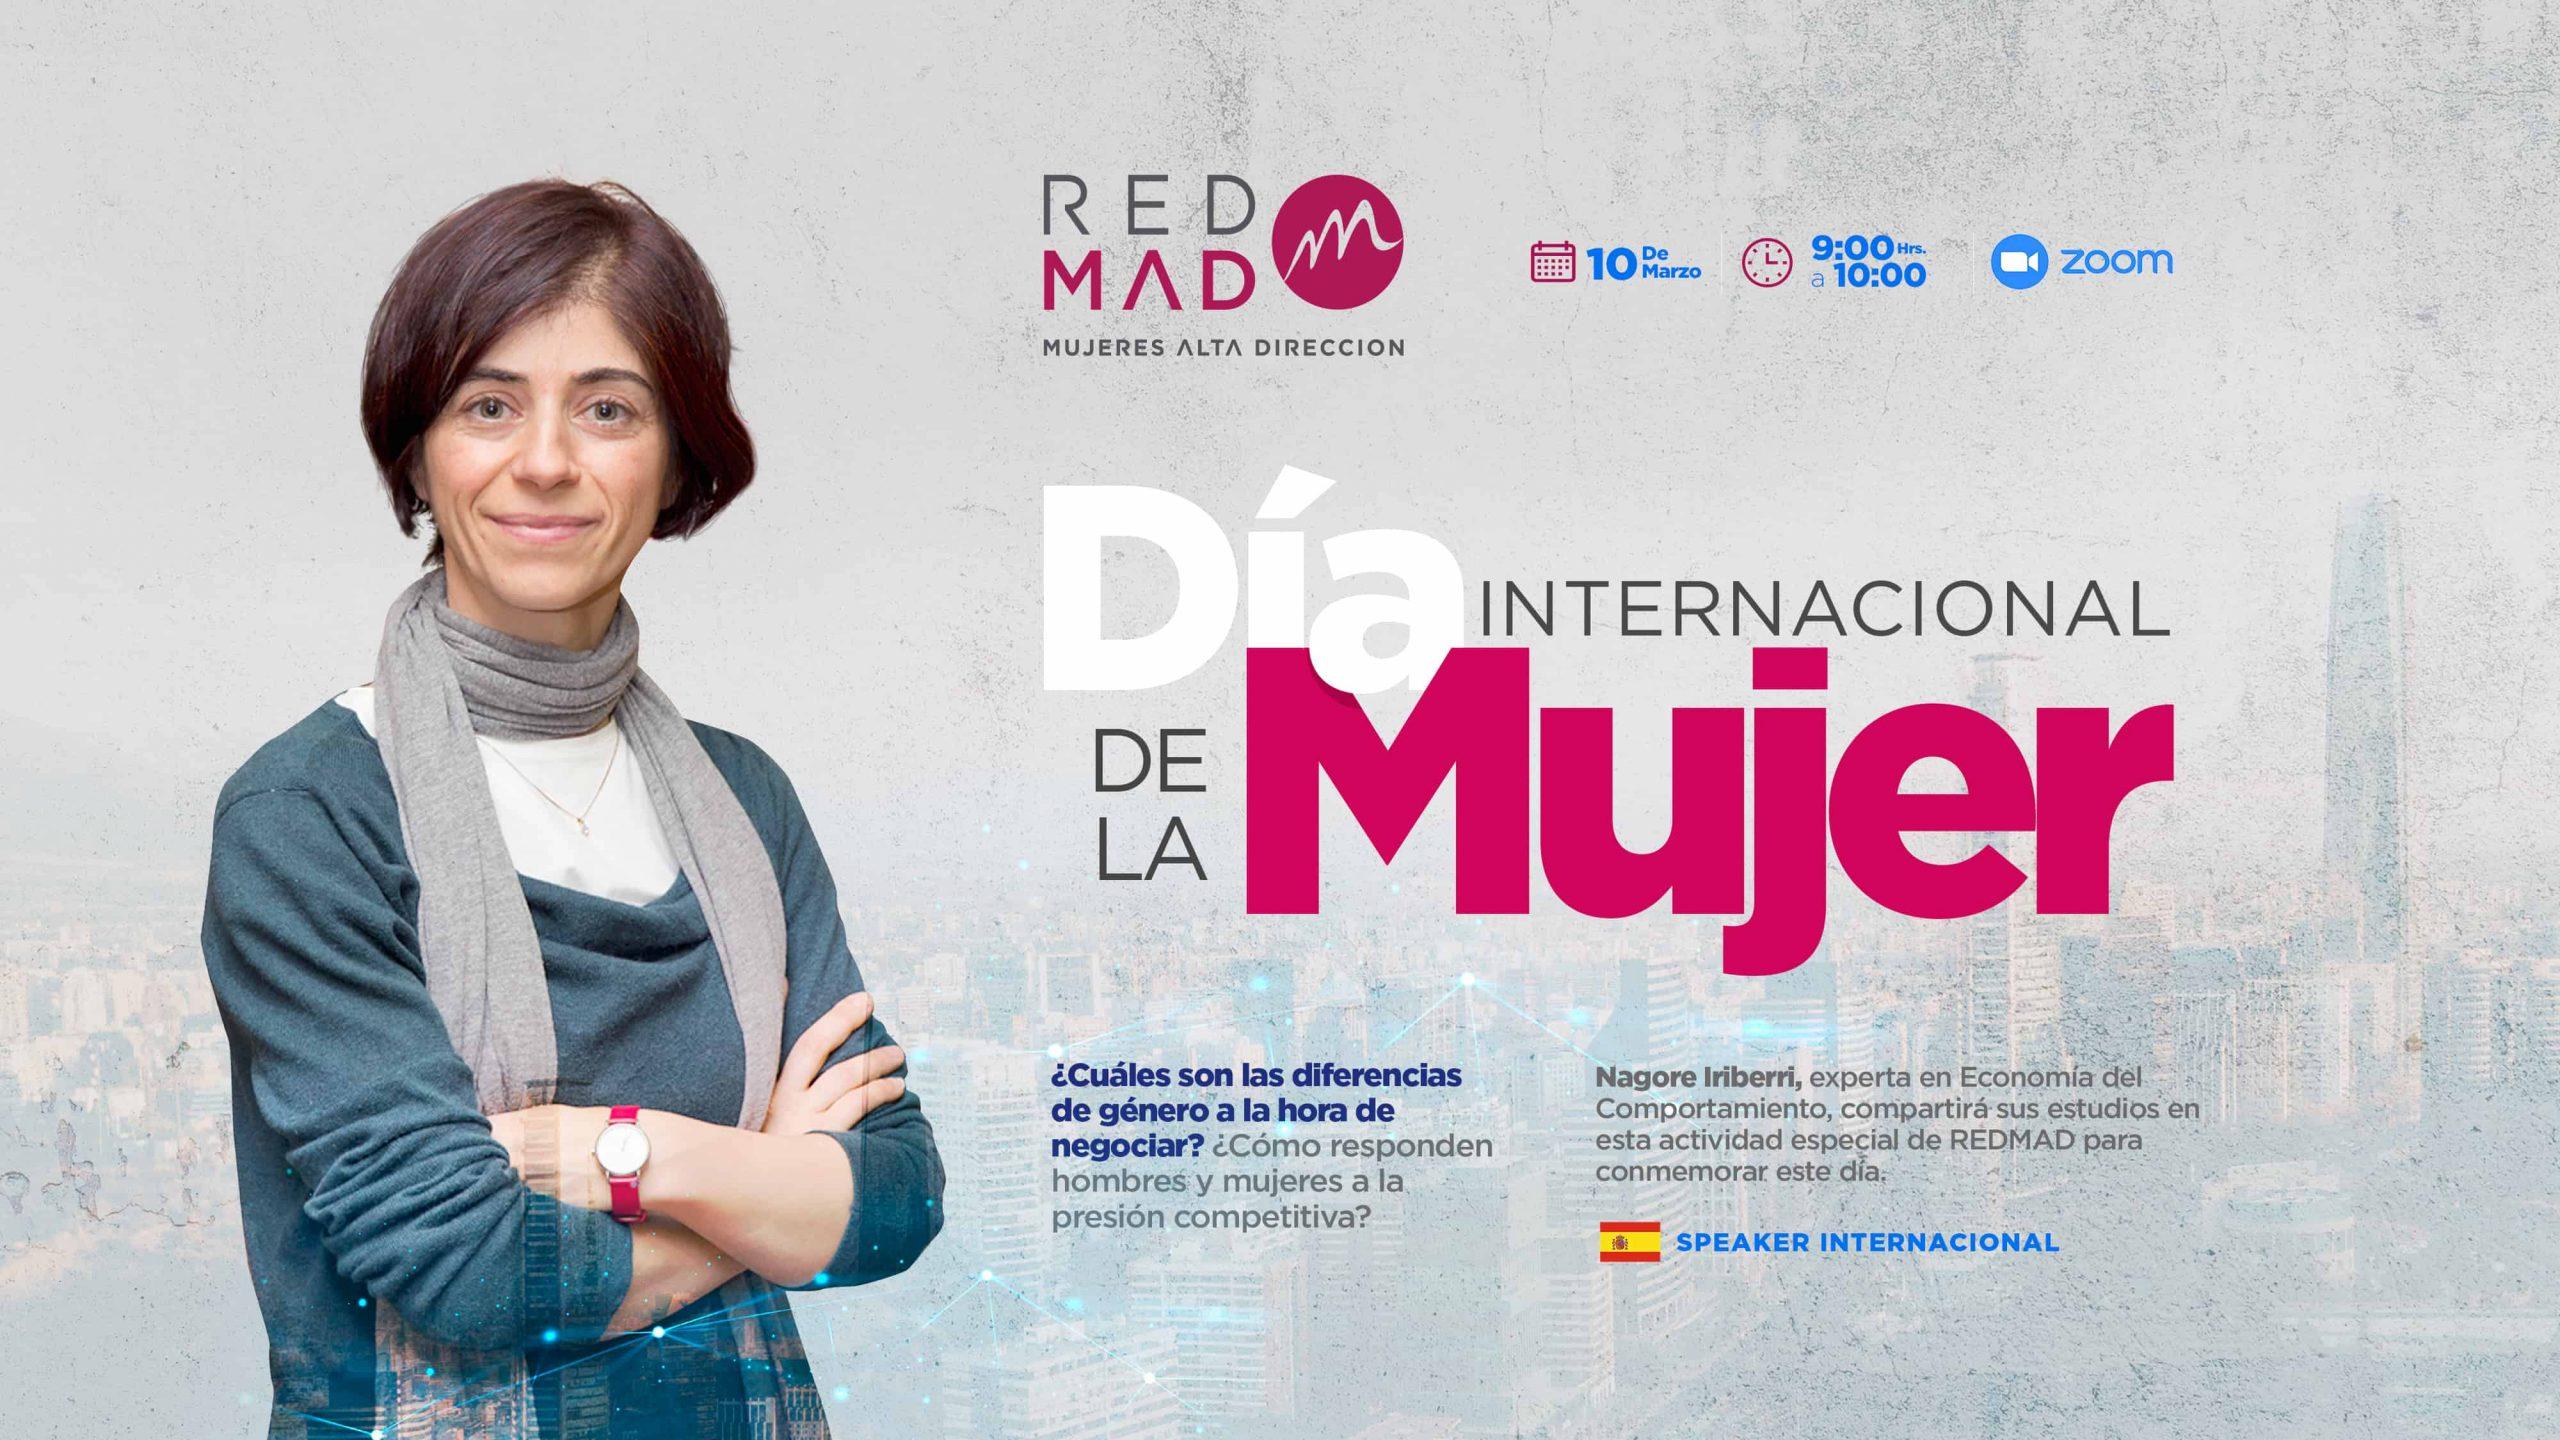 Día Internacional de la Mujer en REDMAD: Revisa la presentación de Nagore Iriberri, experta en Economía del Comportamiento